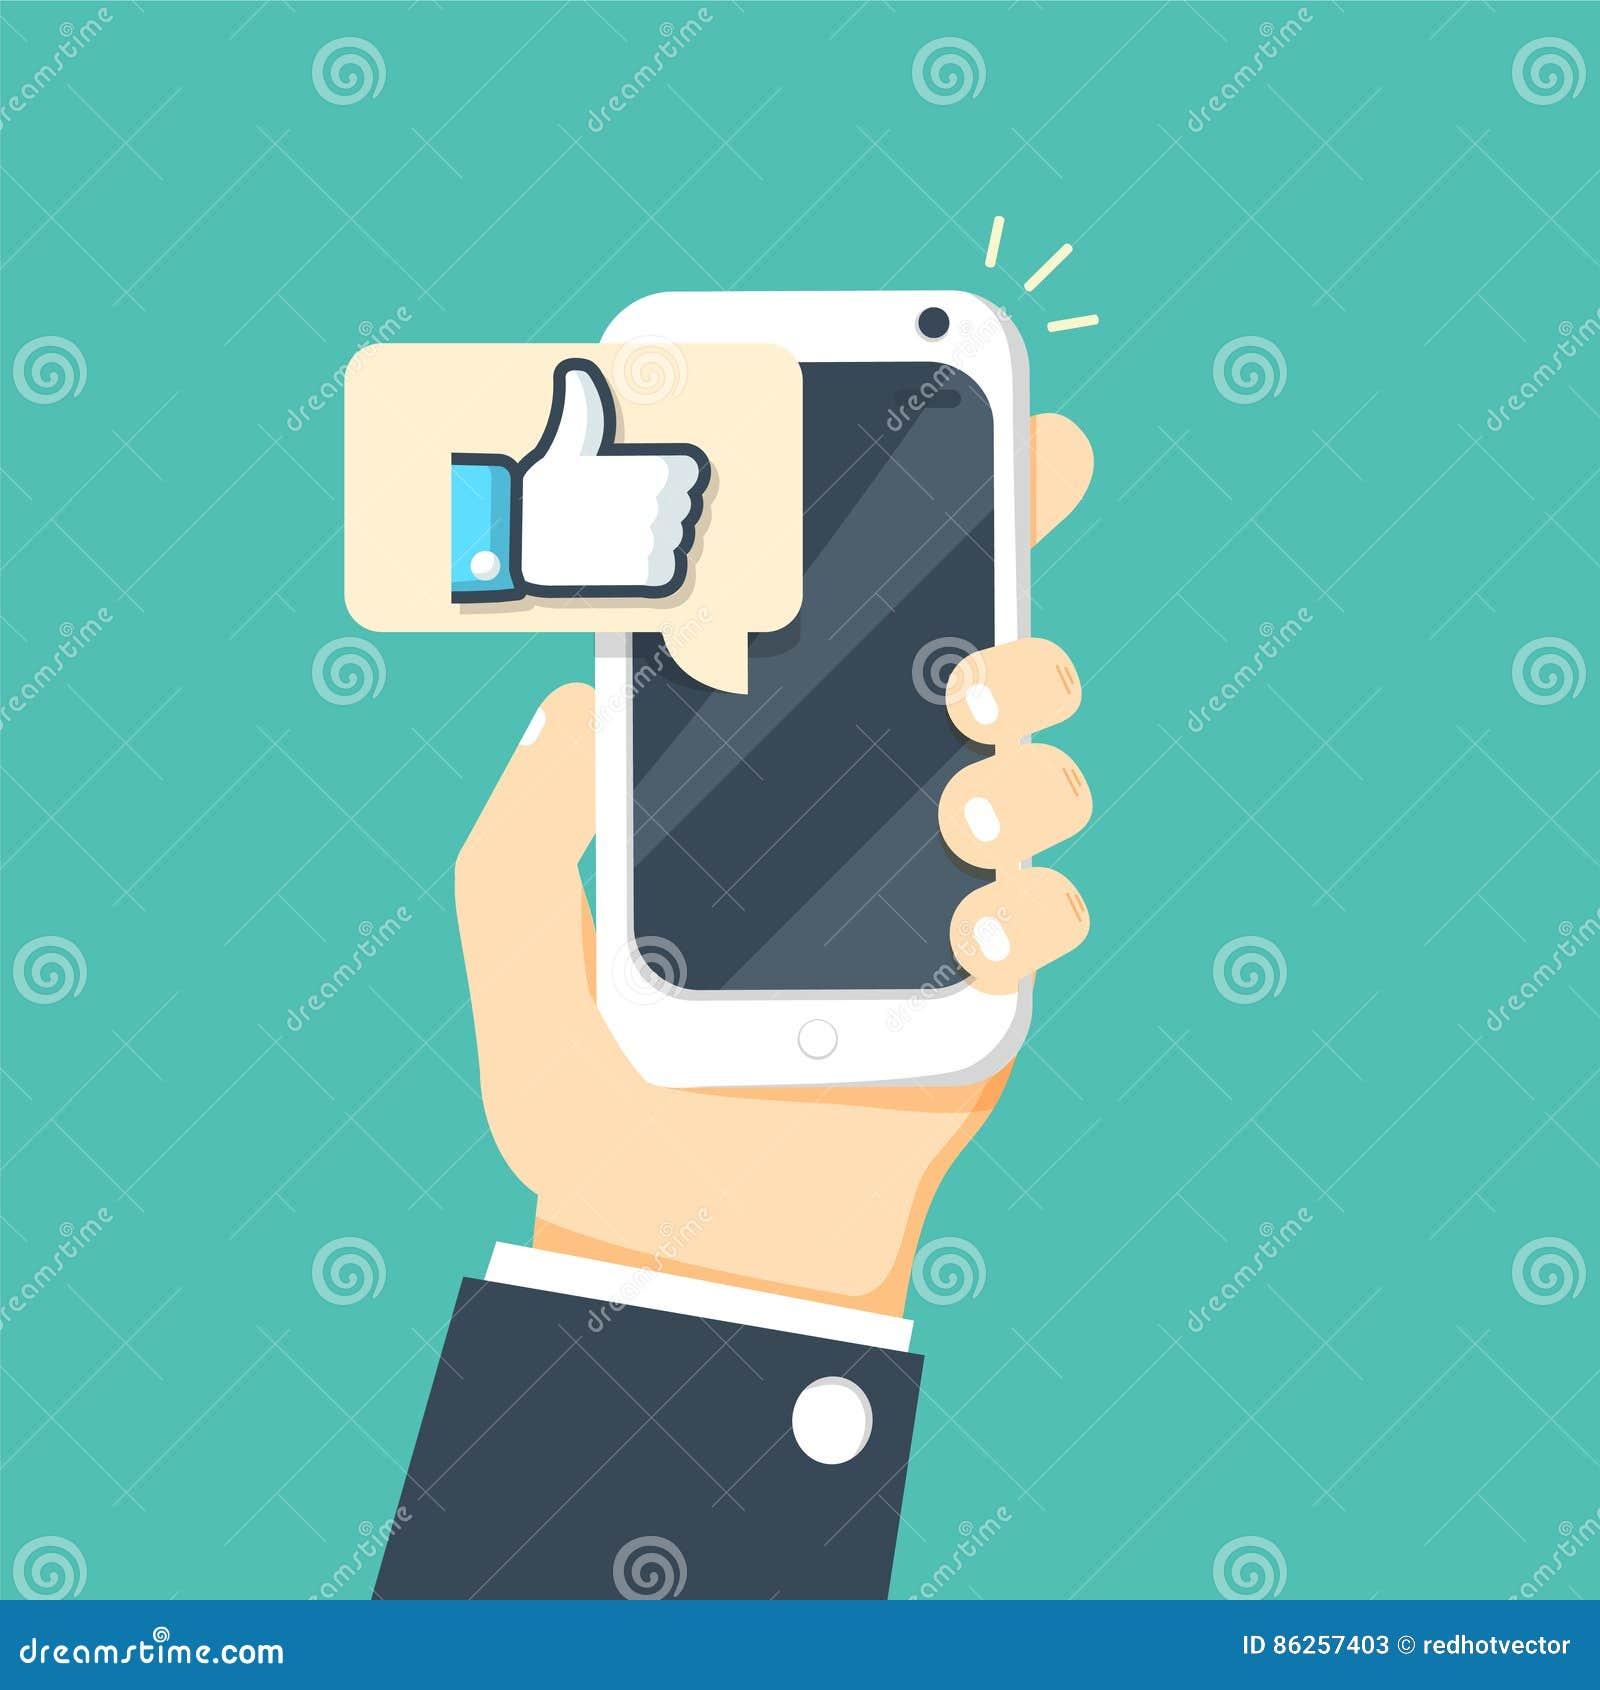 Übergeben Sie das Halten von Smartphone mit gleicher Mitteilung auf Schirm, wie Knopf Daumen Up Ikone